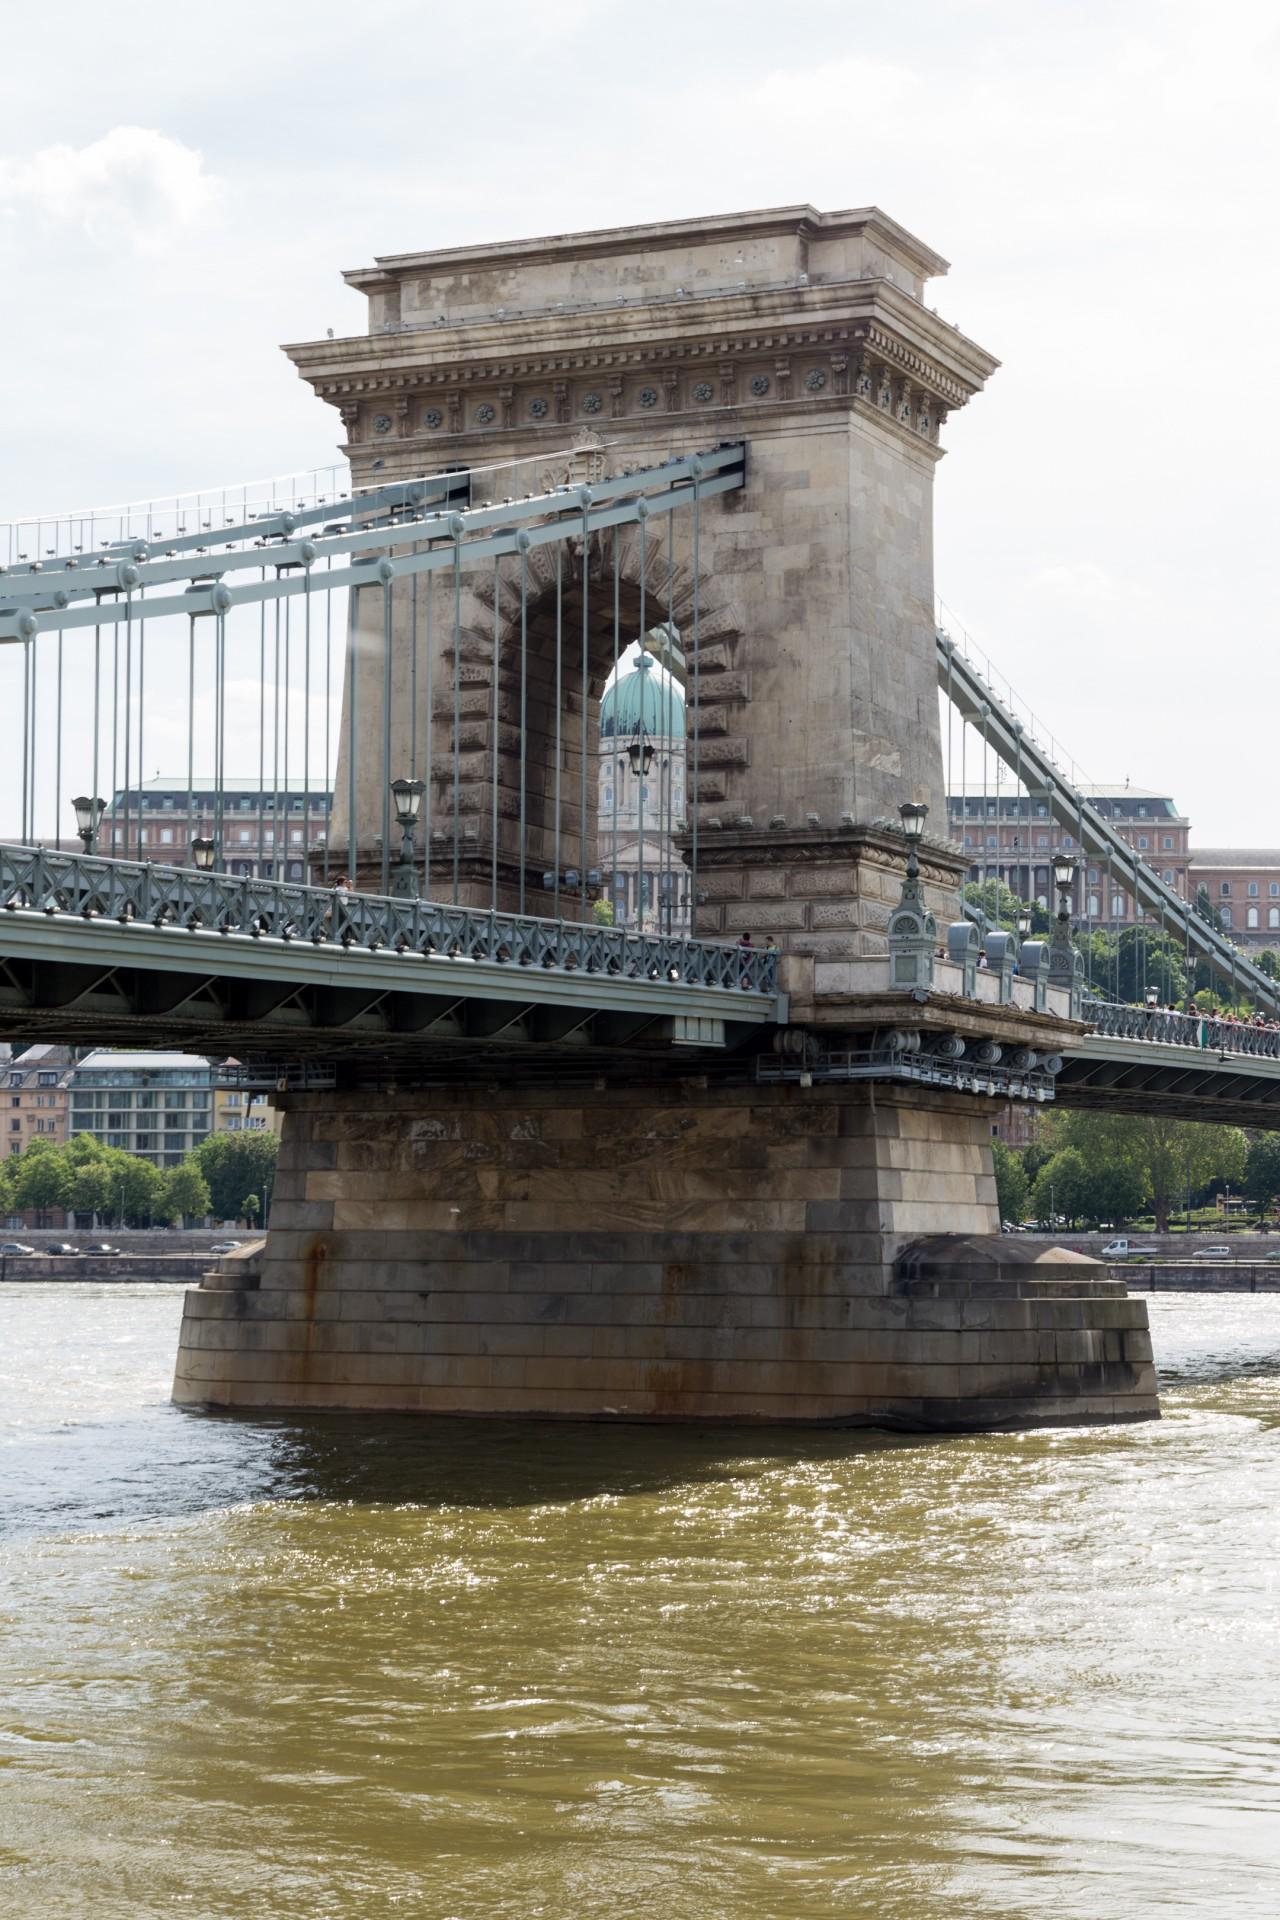 Pfeiler der Kettenbrücke Budapest